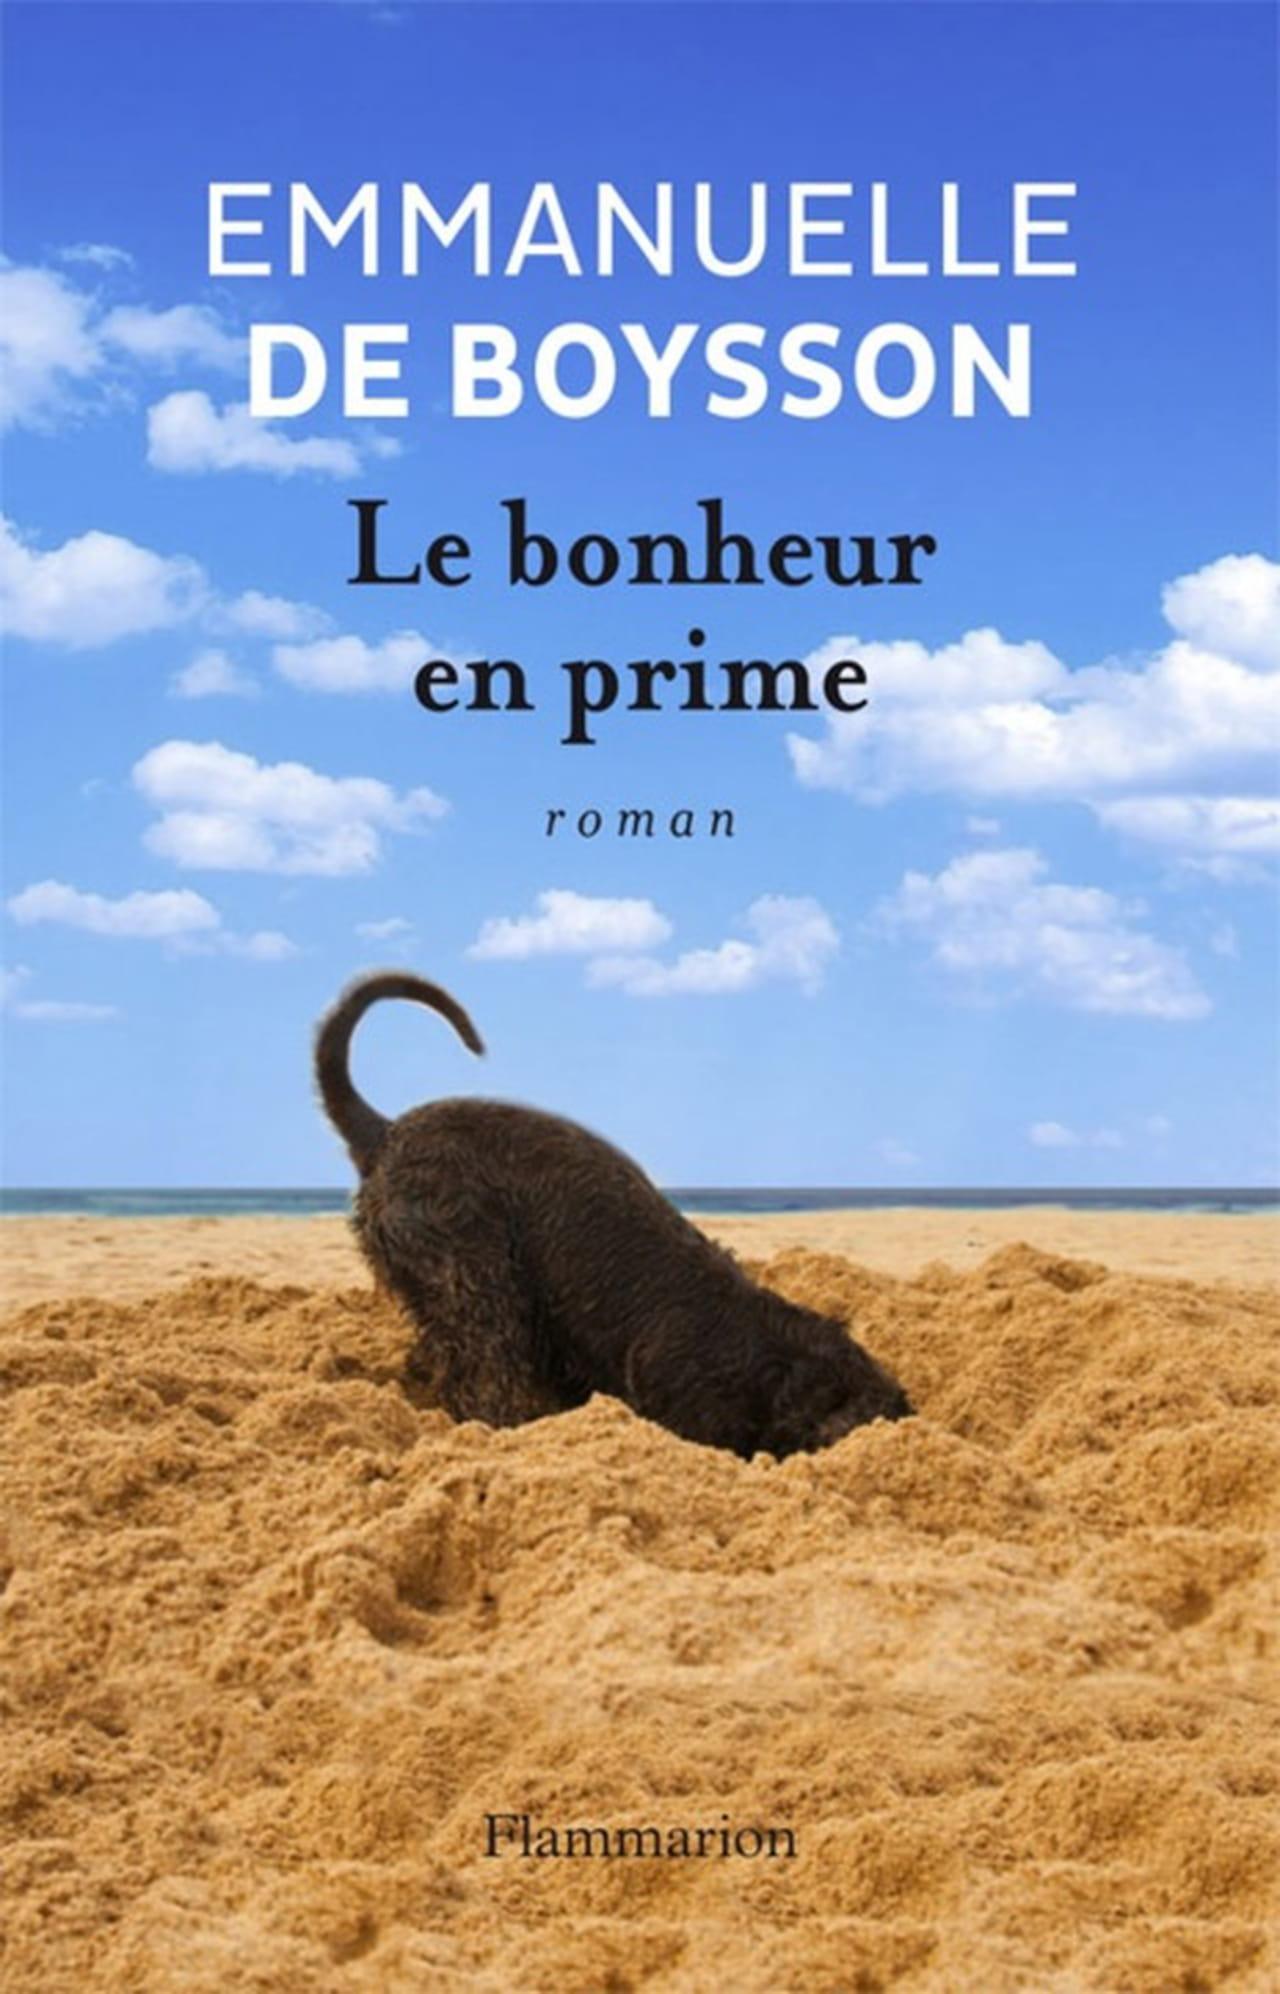 DE BOYSSON Emmanuelle : Le bonheur en prime 815475